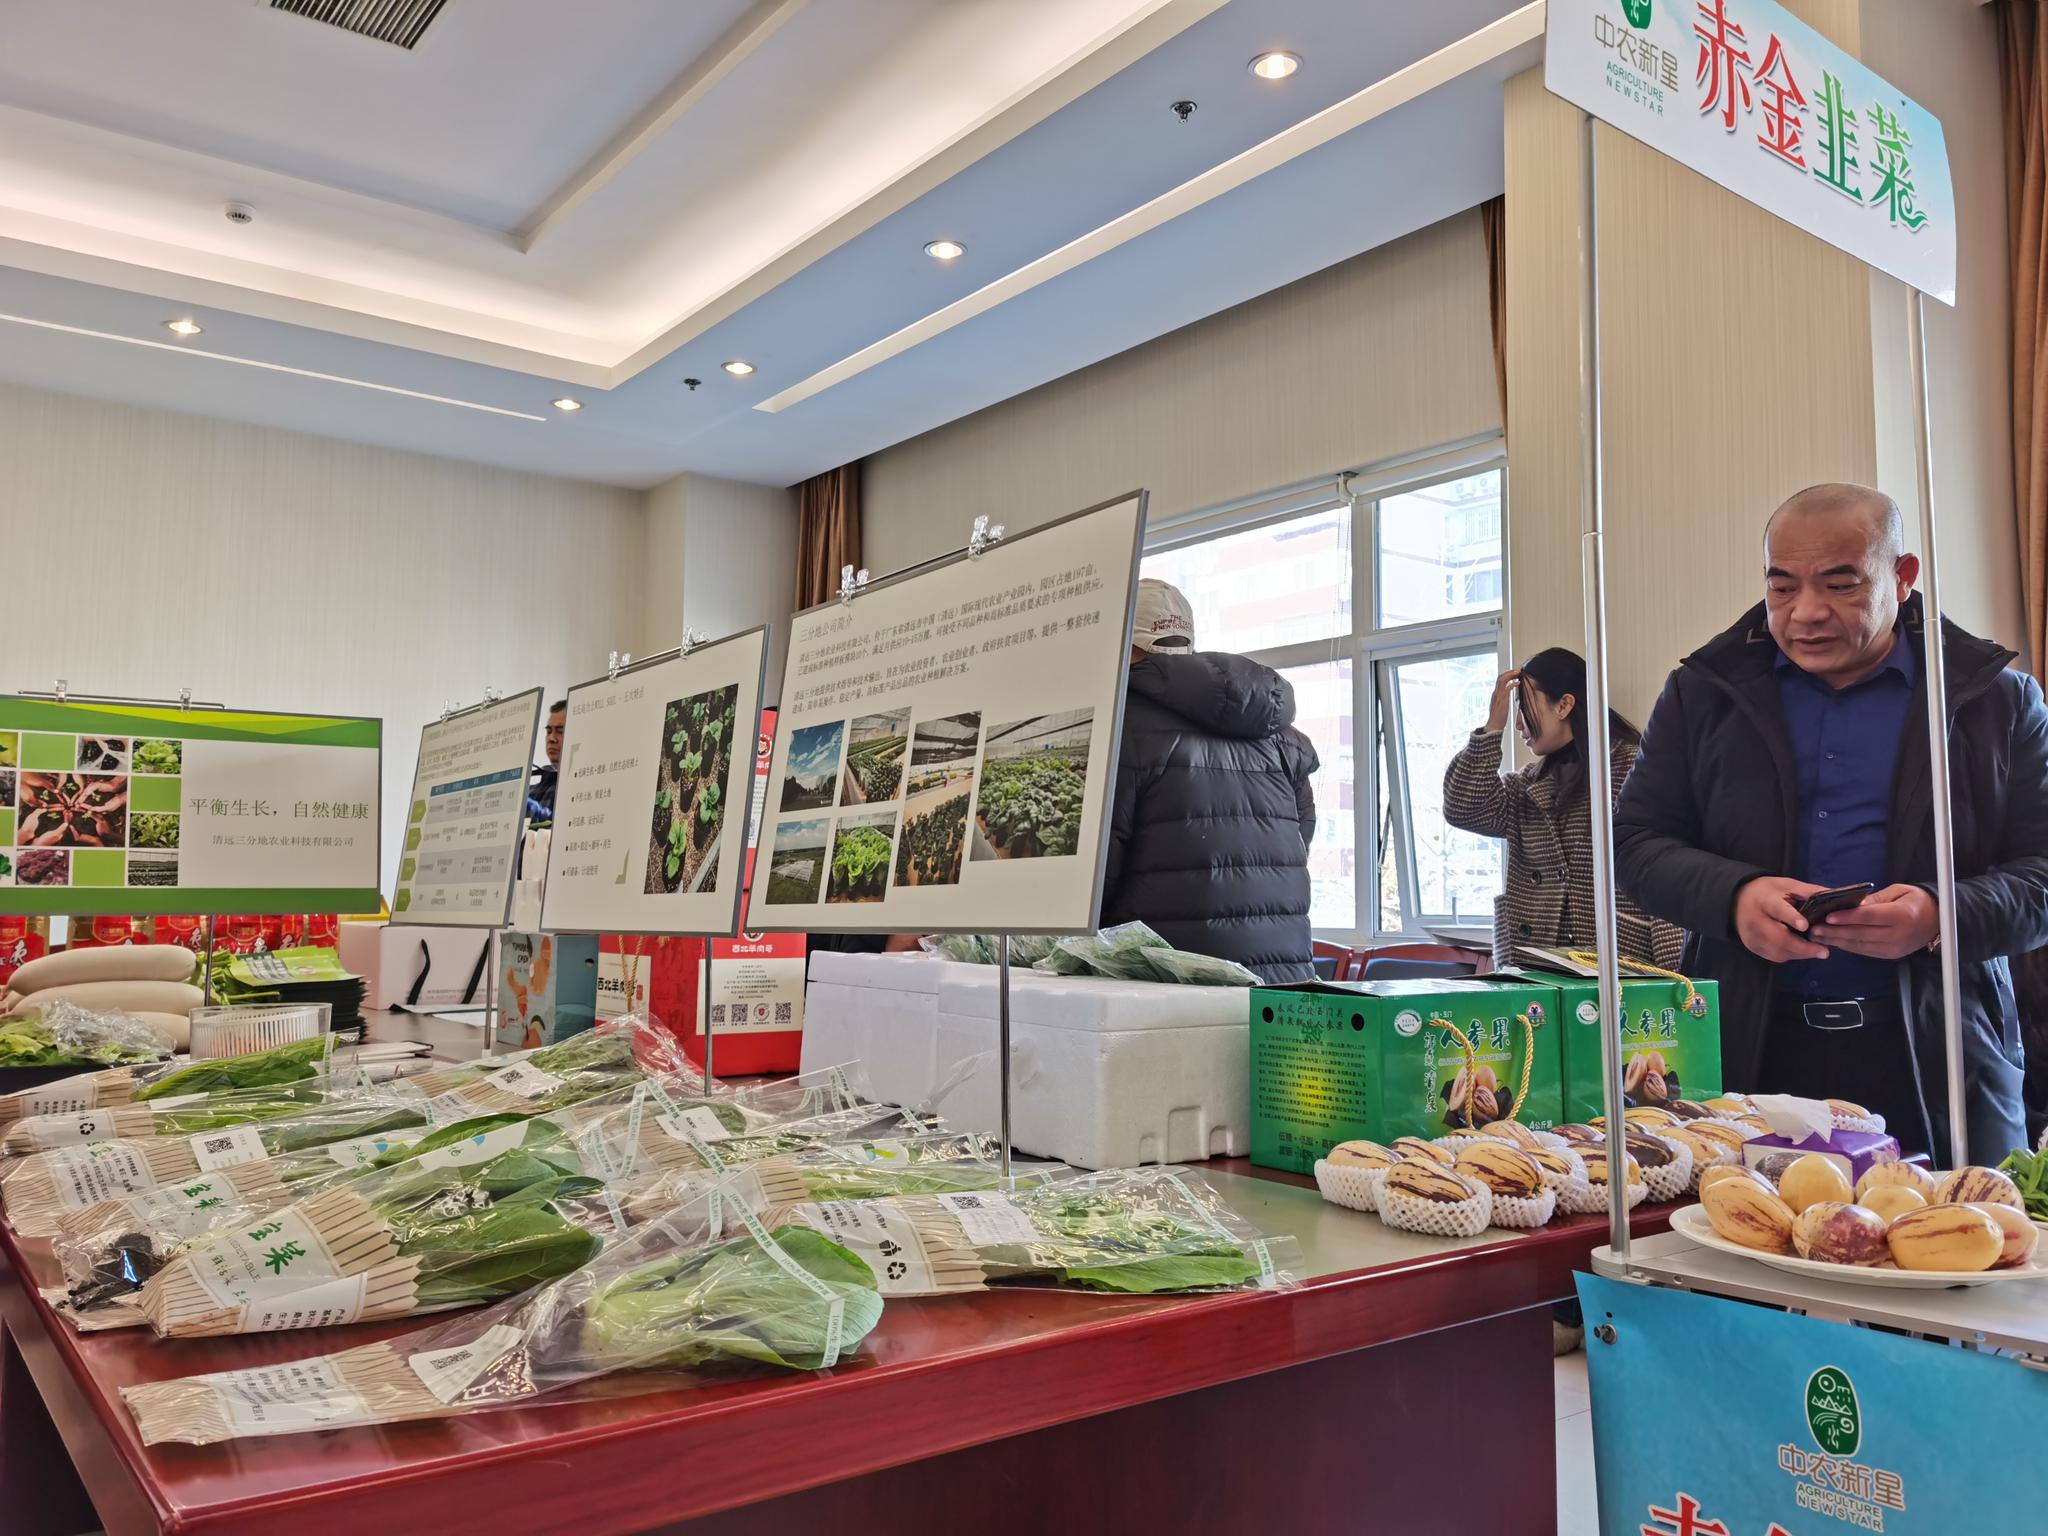 北京春节蔬菜日均供应量将增2千吨 豆角等将平价销售